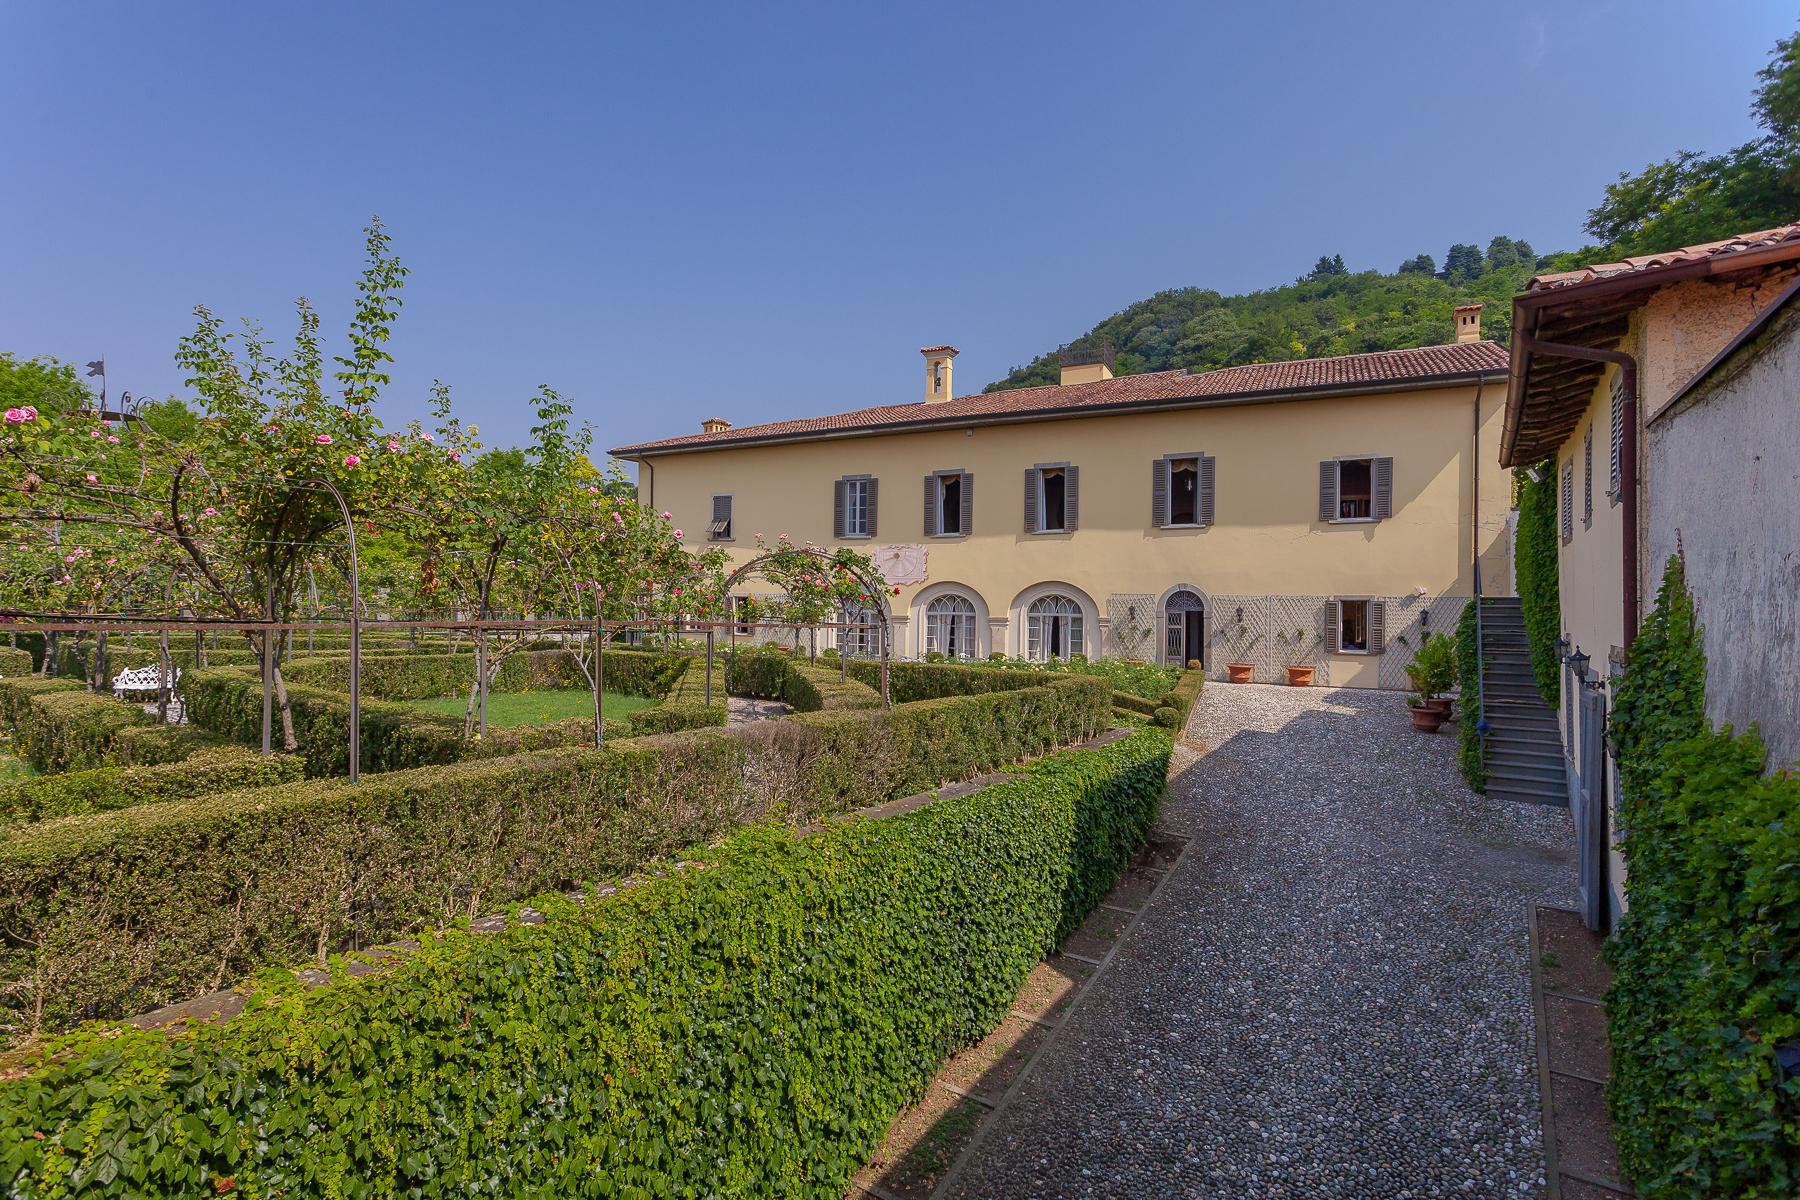 Villa in Vendita a Chiuduno: 5 locali, 1600 mq